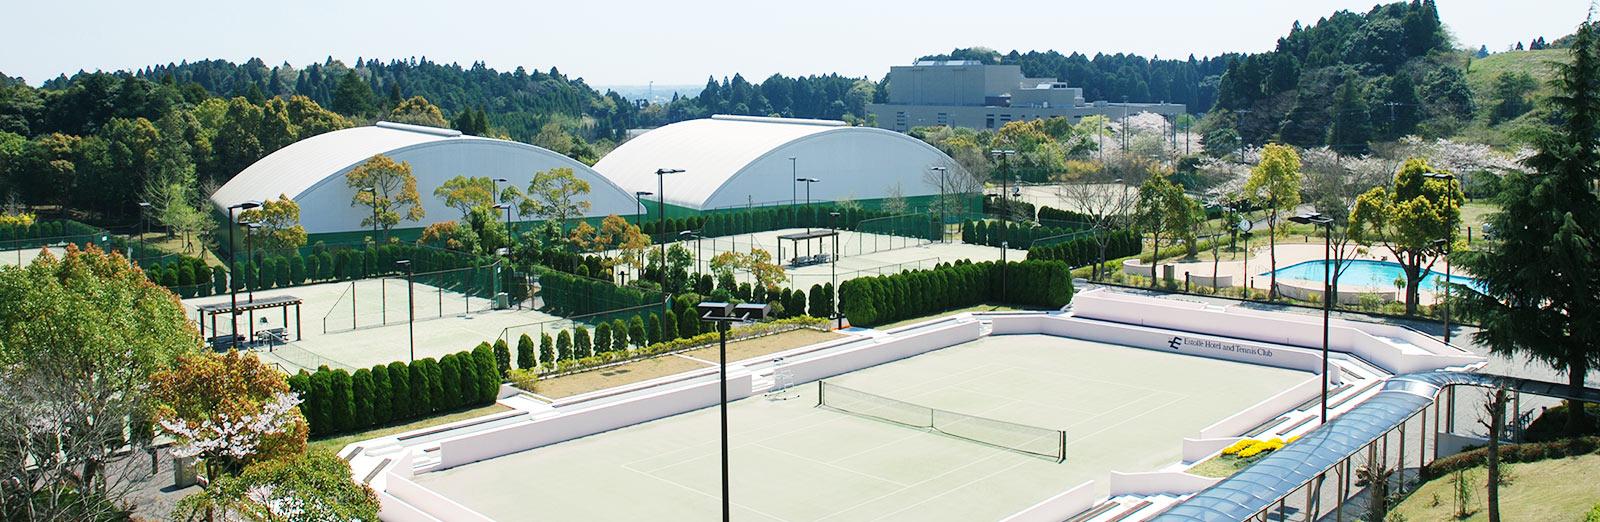 Ken'sインドアテニススクールエストーレ